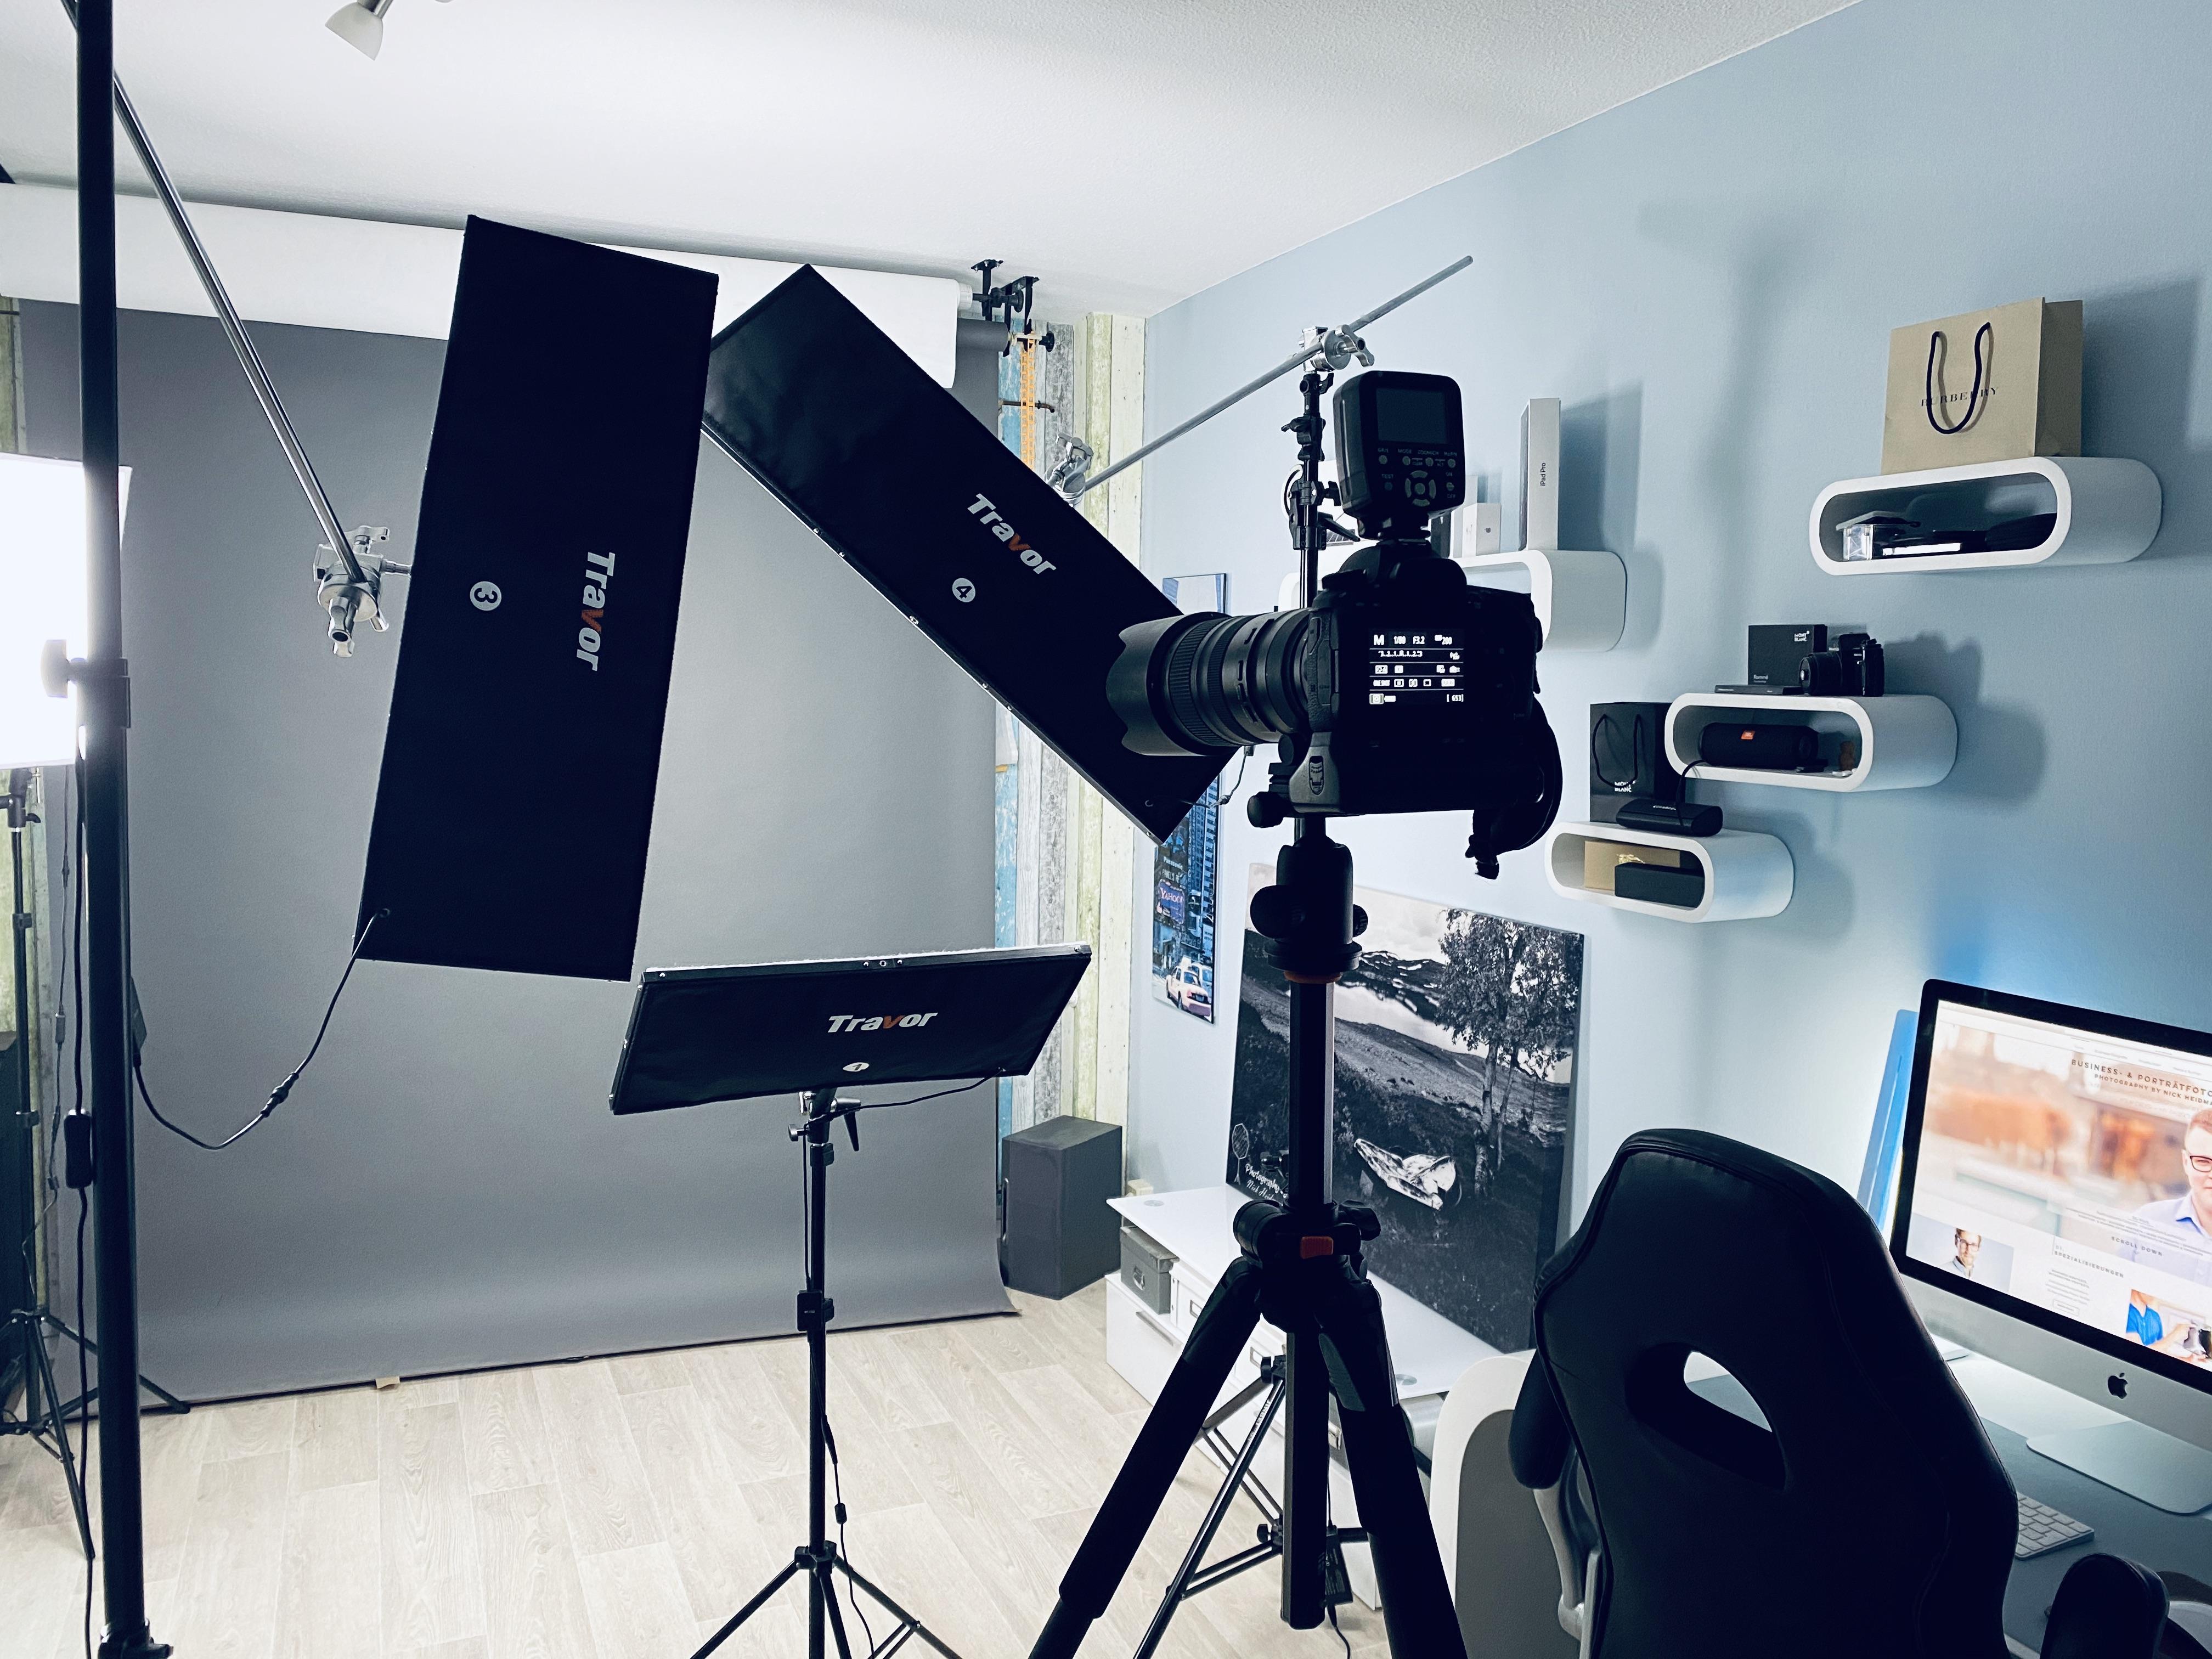 fotostudio-dresden